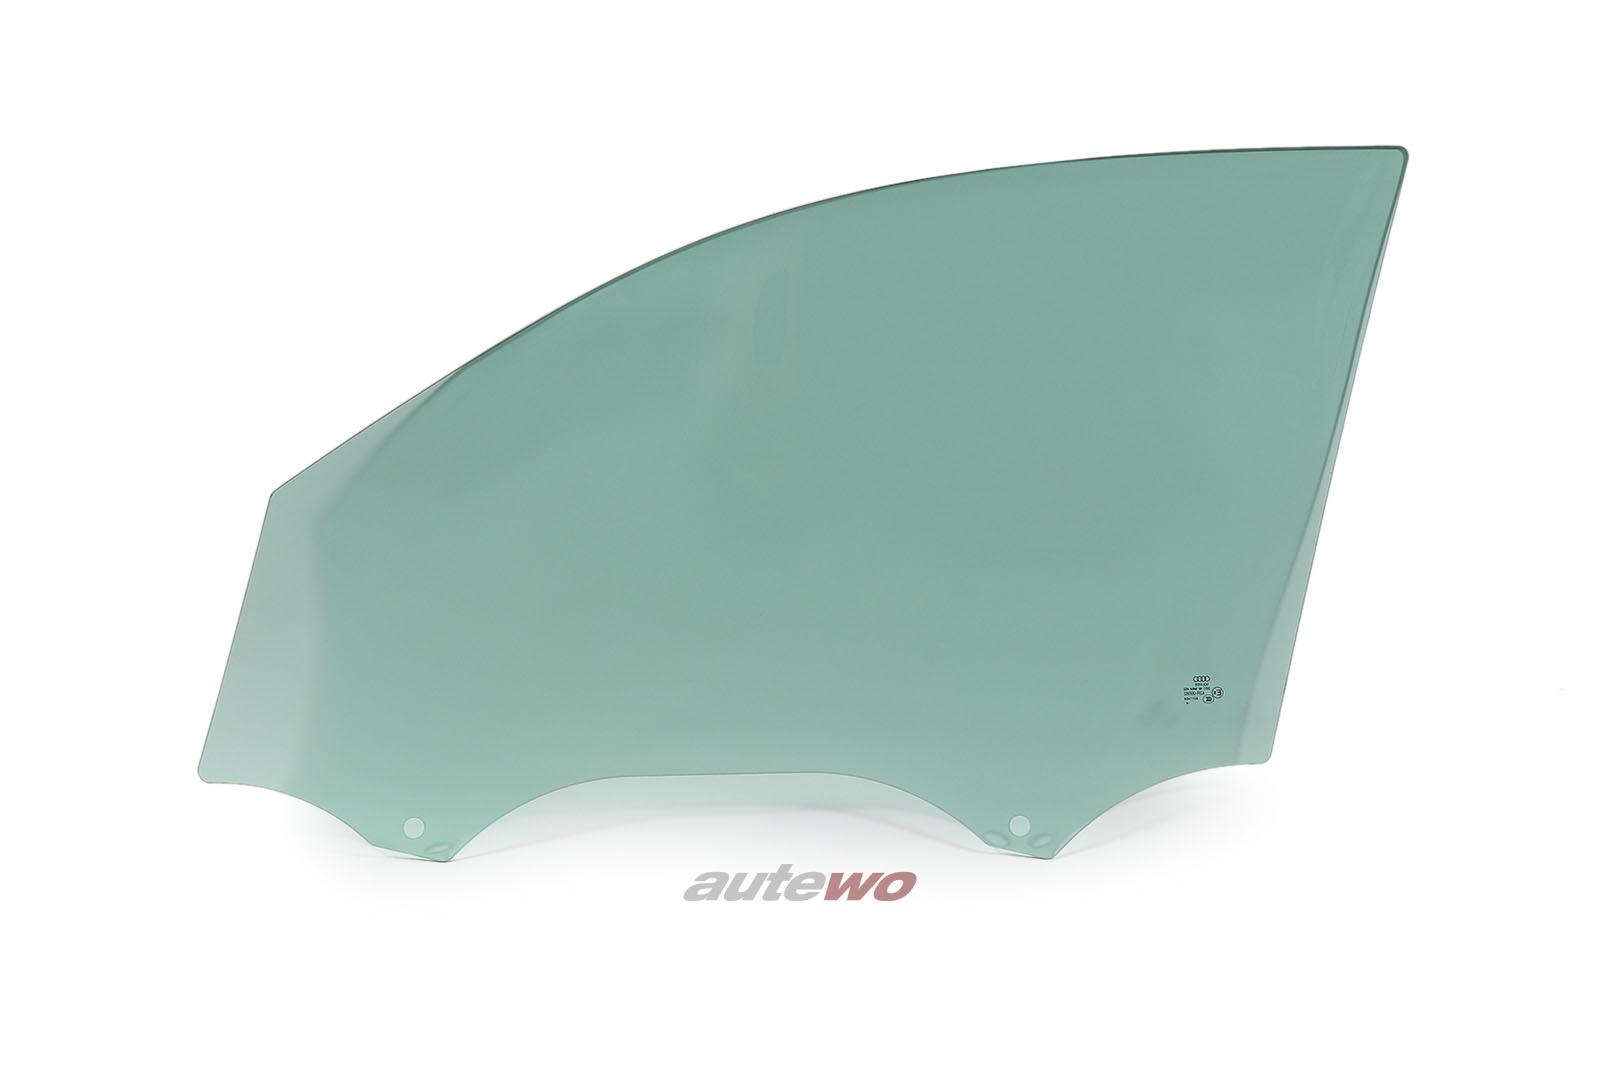 8U0845202 Audi Q3/RSQ3 Seitenscheibe vorne rechts